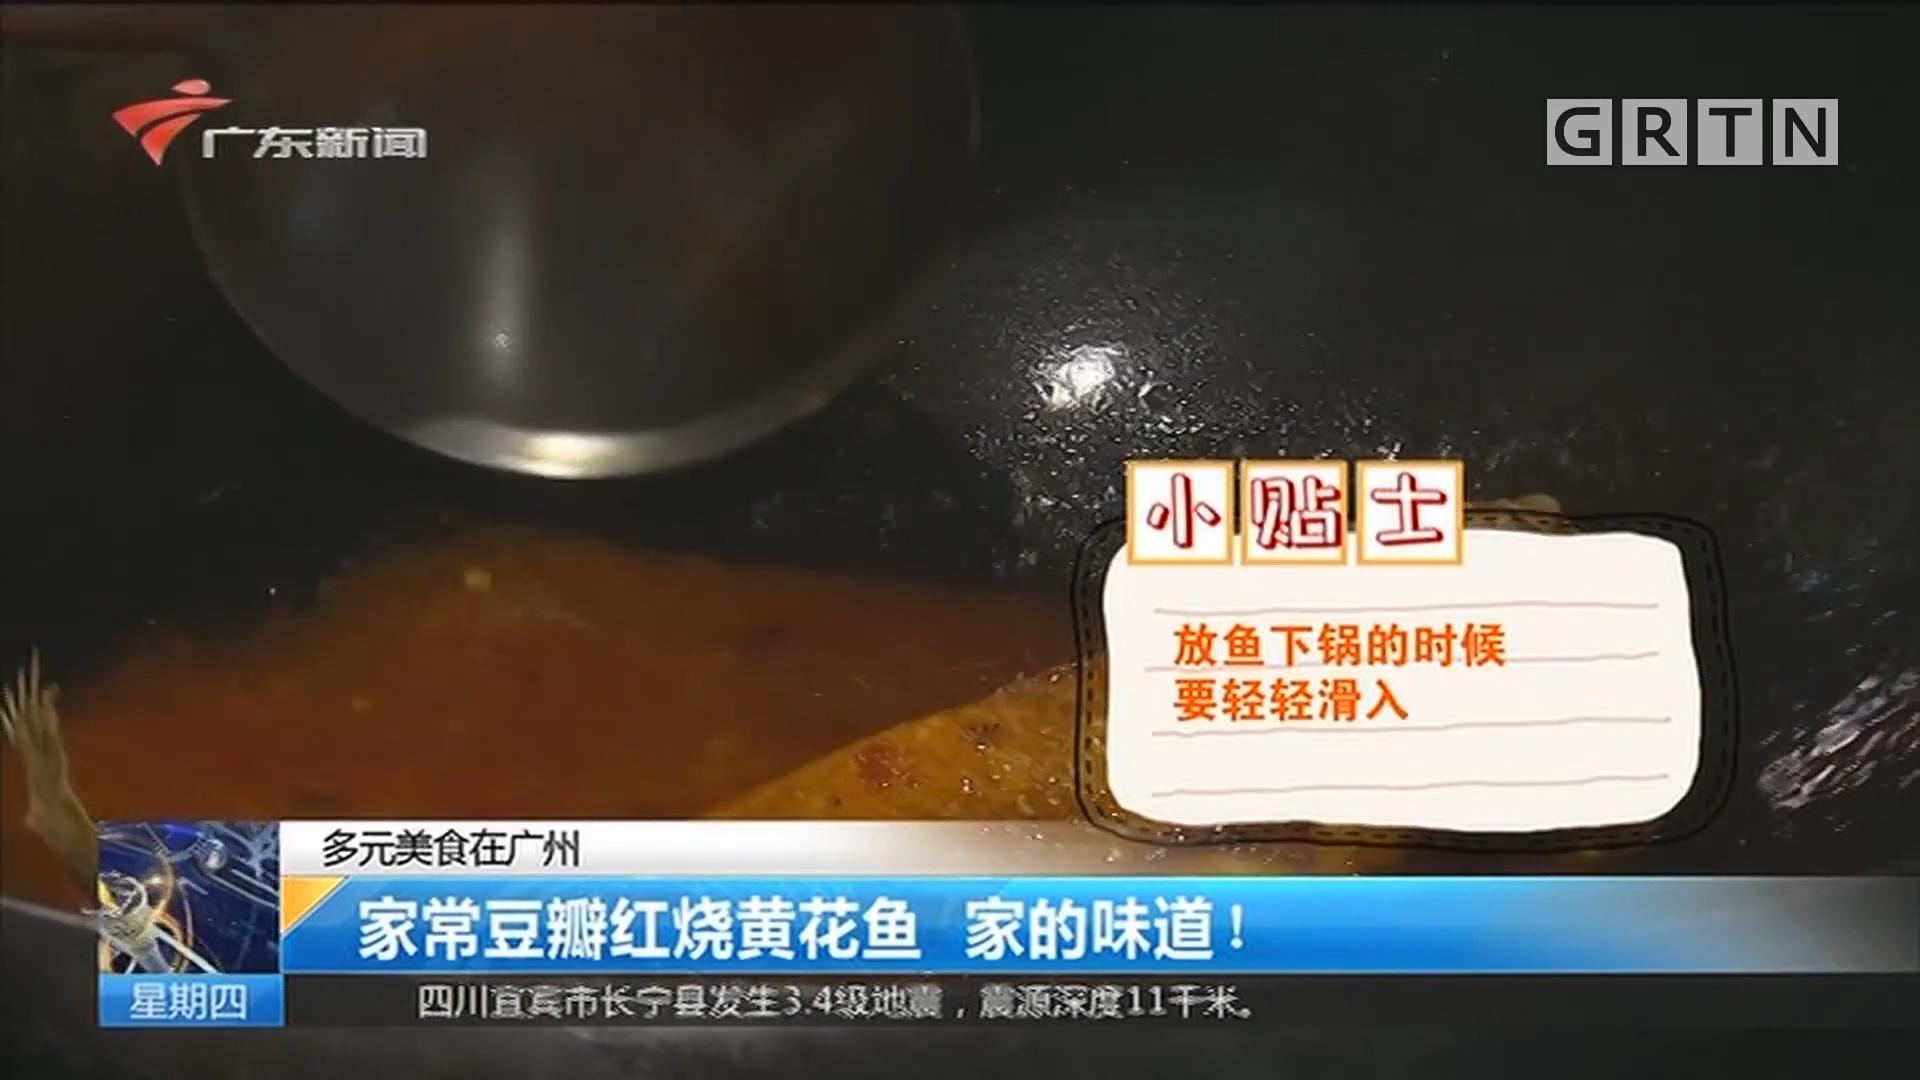 多元美食在广州:家常豆瓣红烧黄花鱼 家的味道!